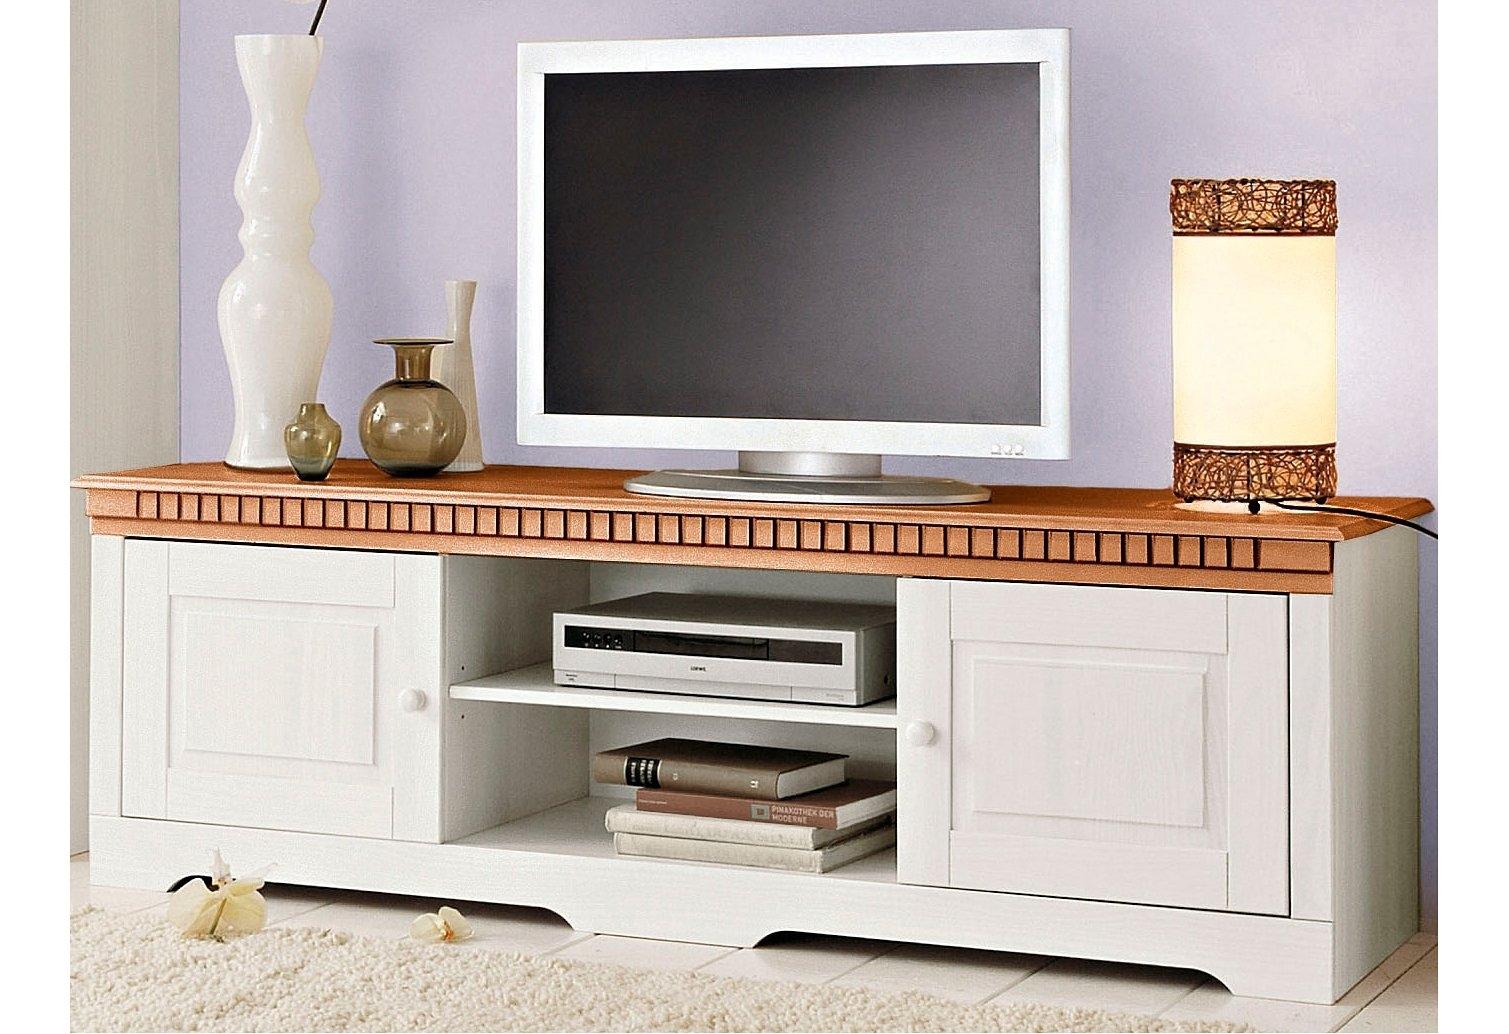 Home affaire tv-meubel Lisa van mooi massief grenenhout, breedte 175 cm voordelig en veilig online kopen